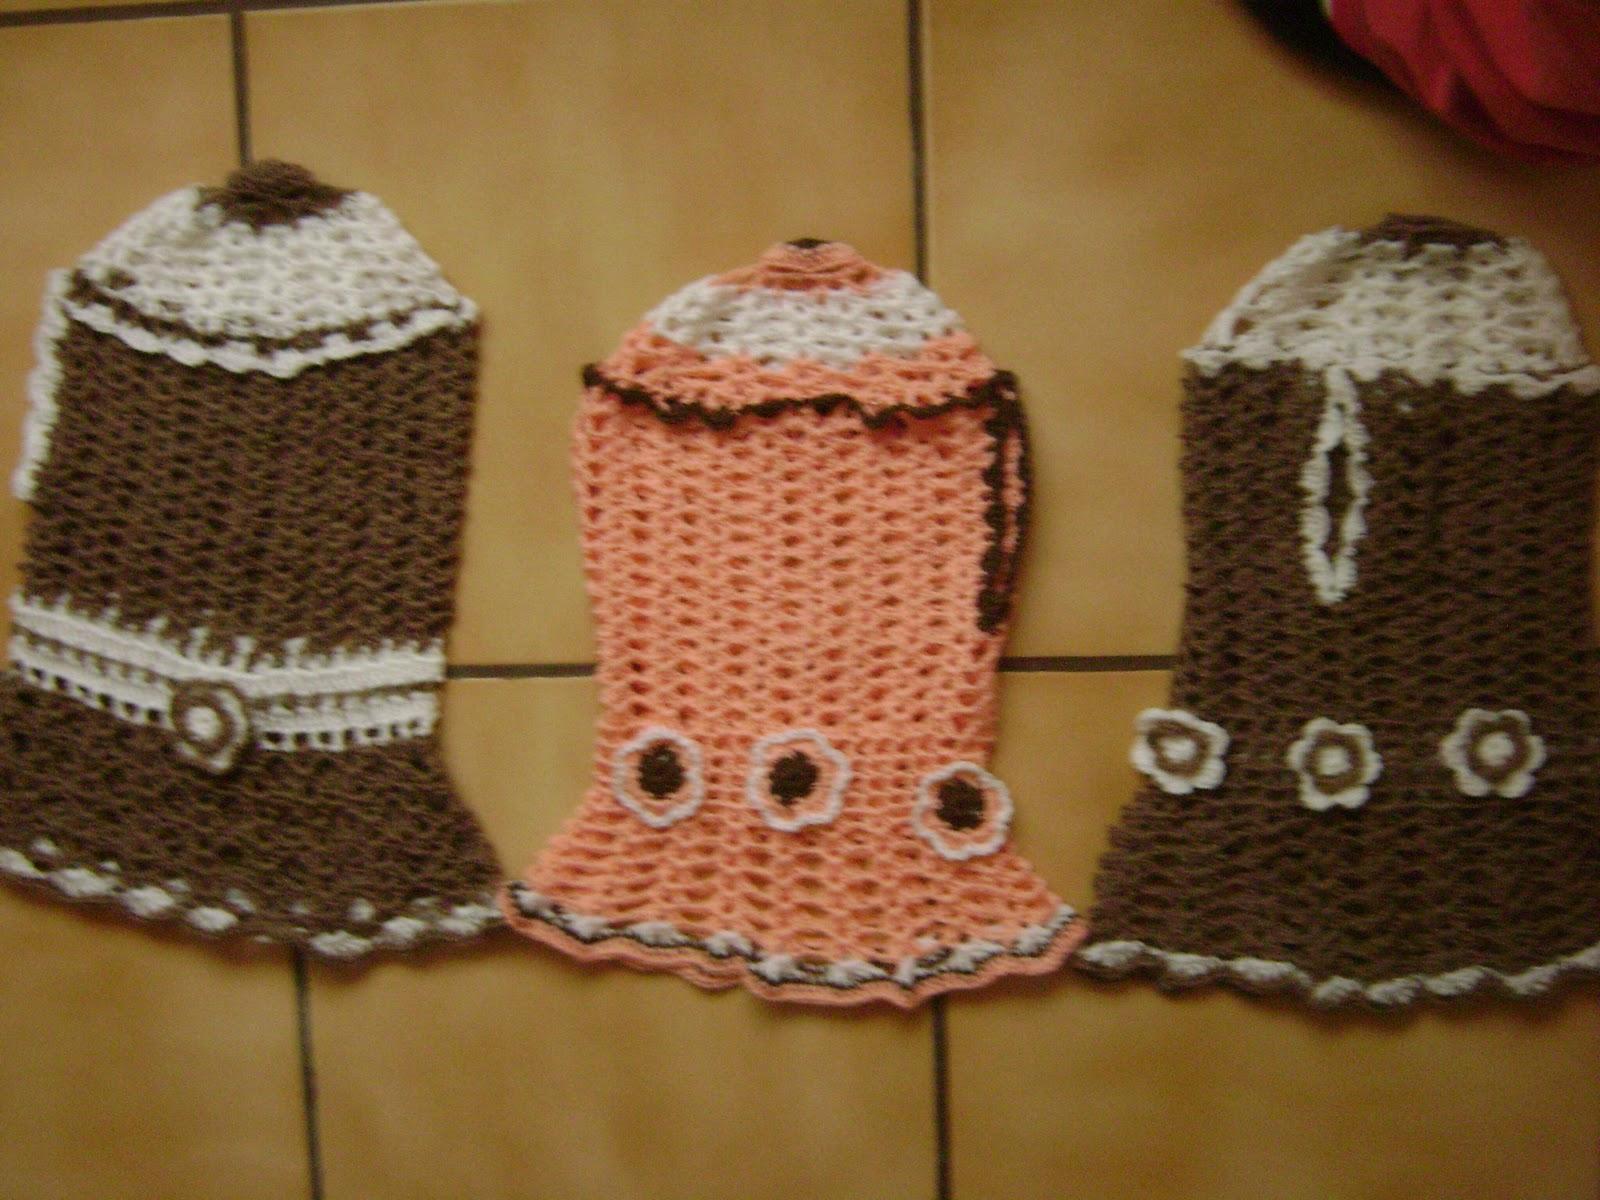 Fundas De Licuadora A Crochet | blackhairstylecuts.com